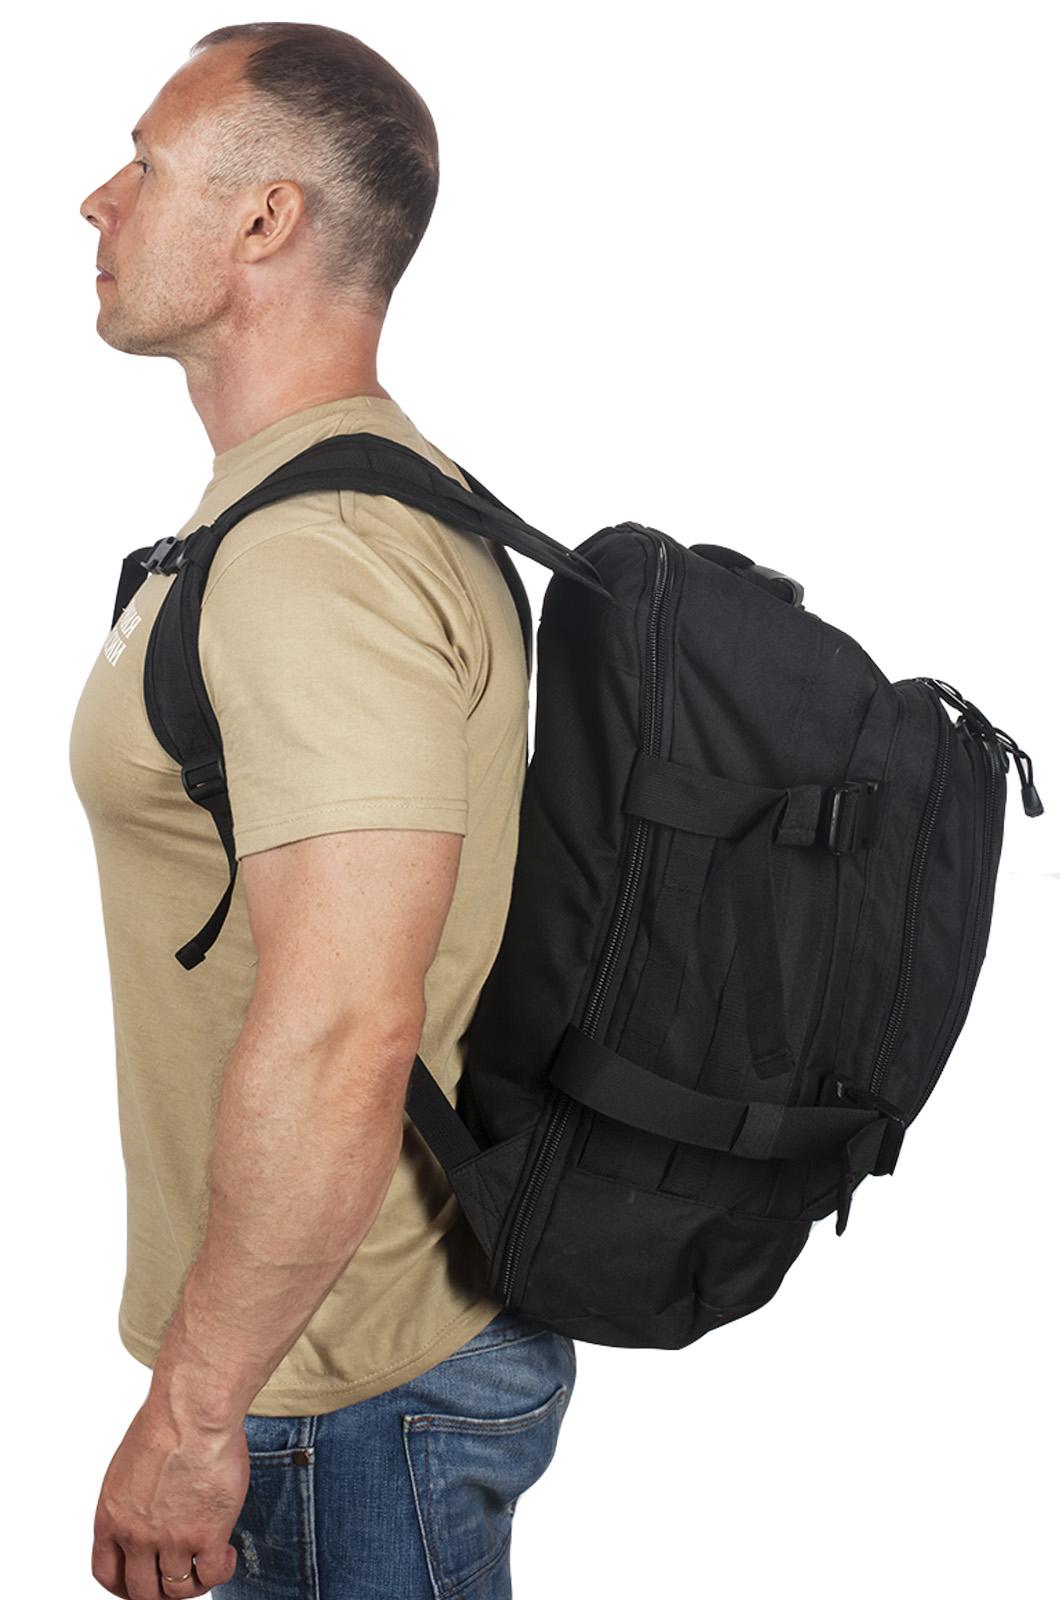 Черный рюкзак универсального назначения с нашивкой РХБЗ купить в подарок